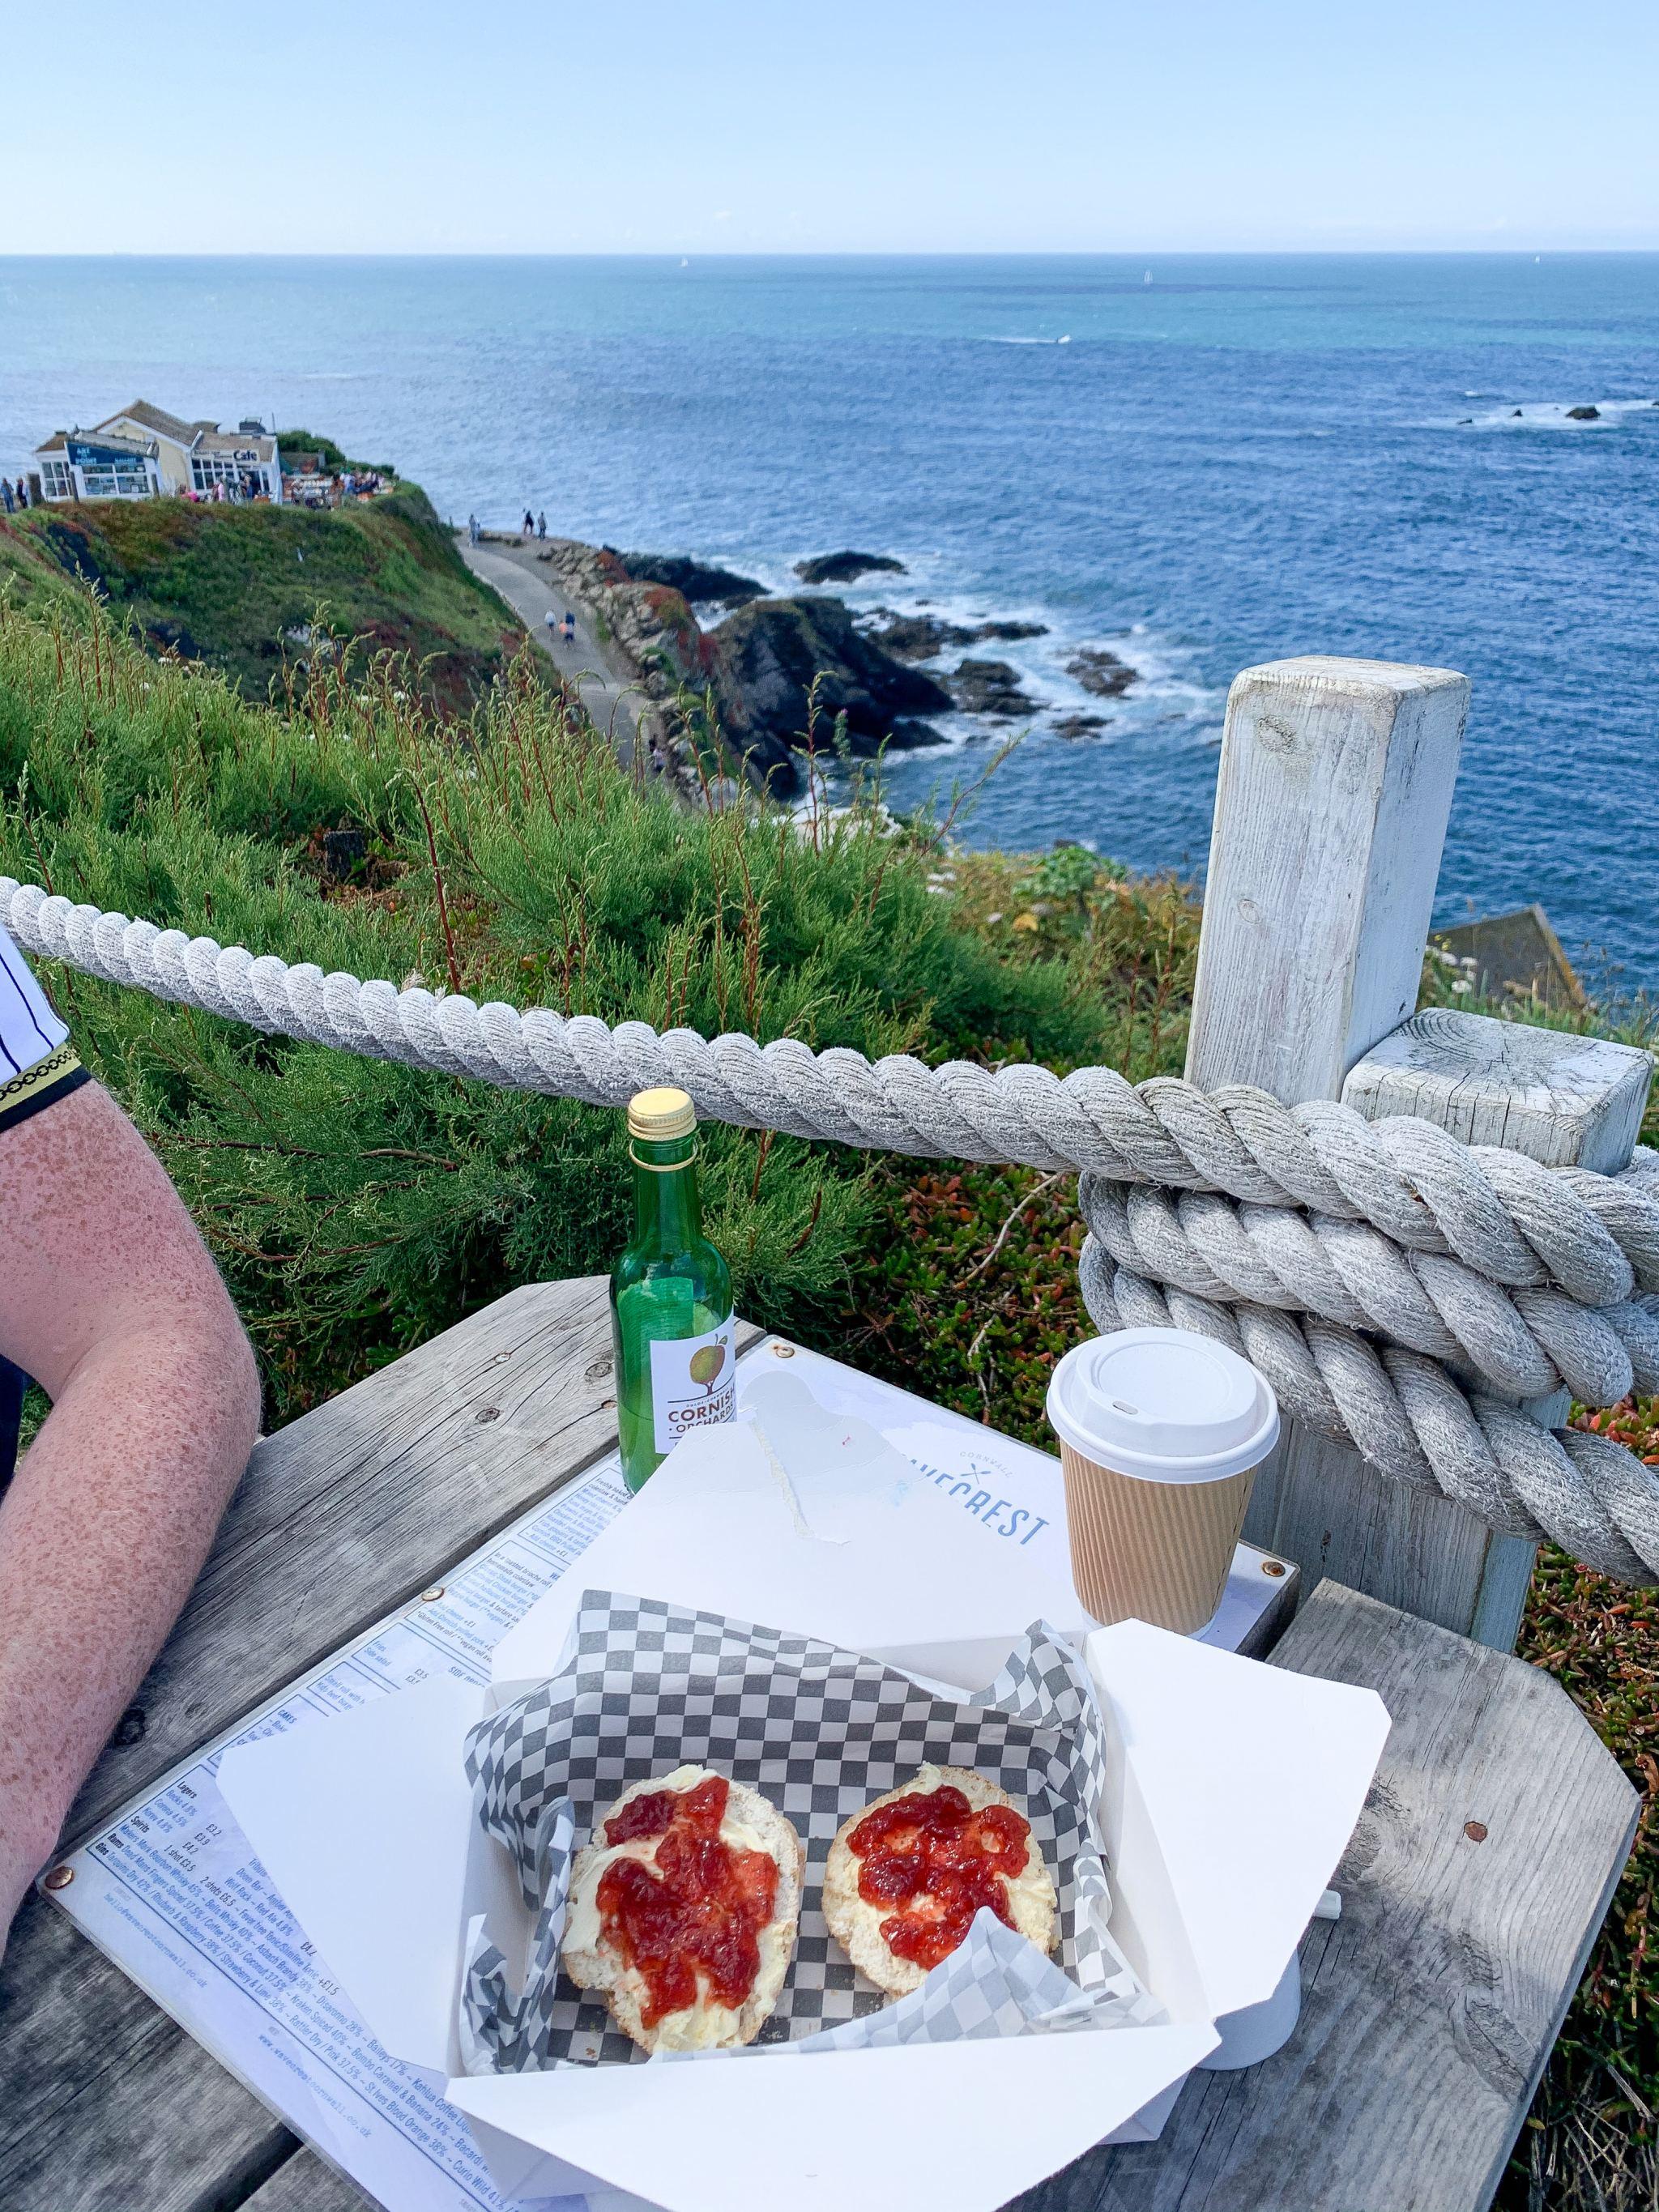 cream tea at wavecrest, the lizard